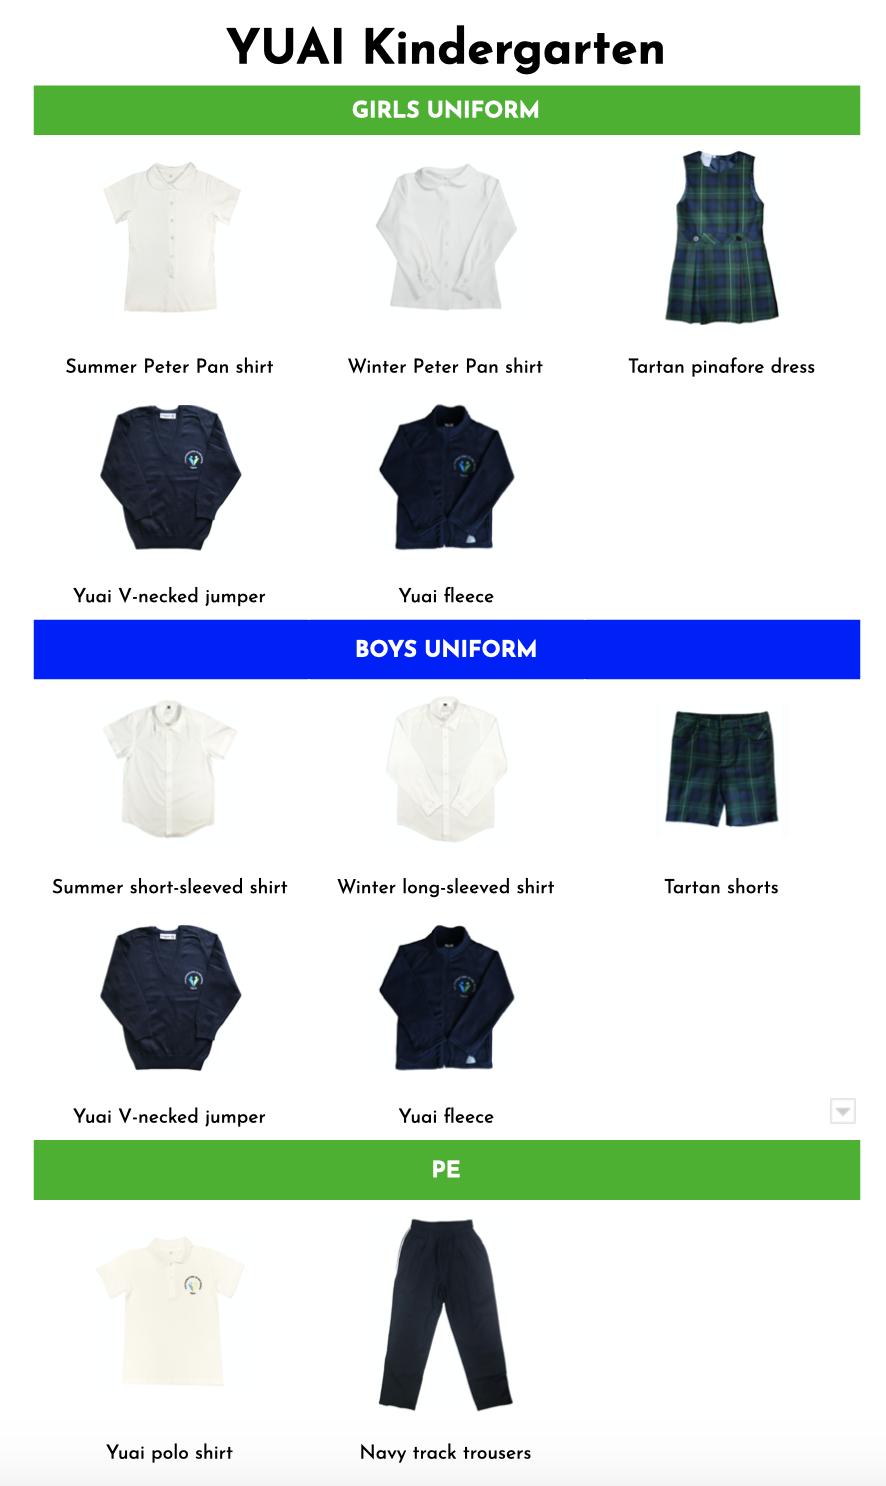 yuai-uniform-guide-2020-new-1.png